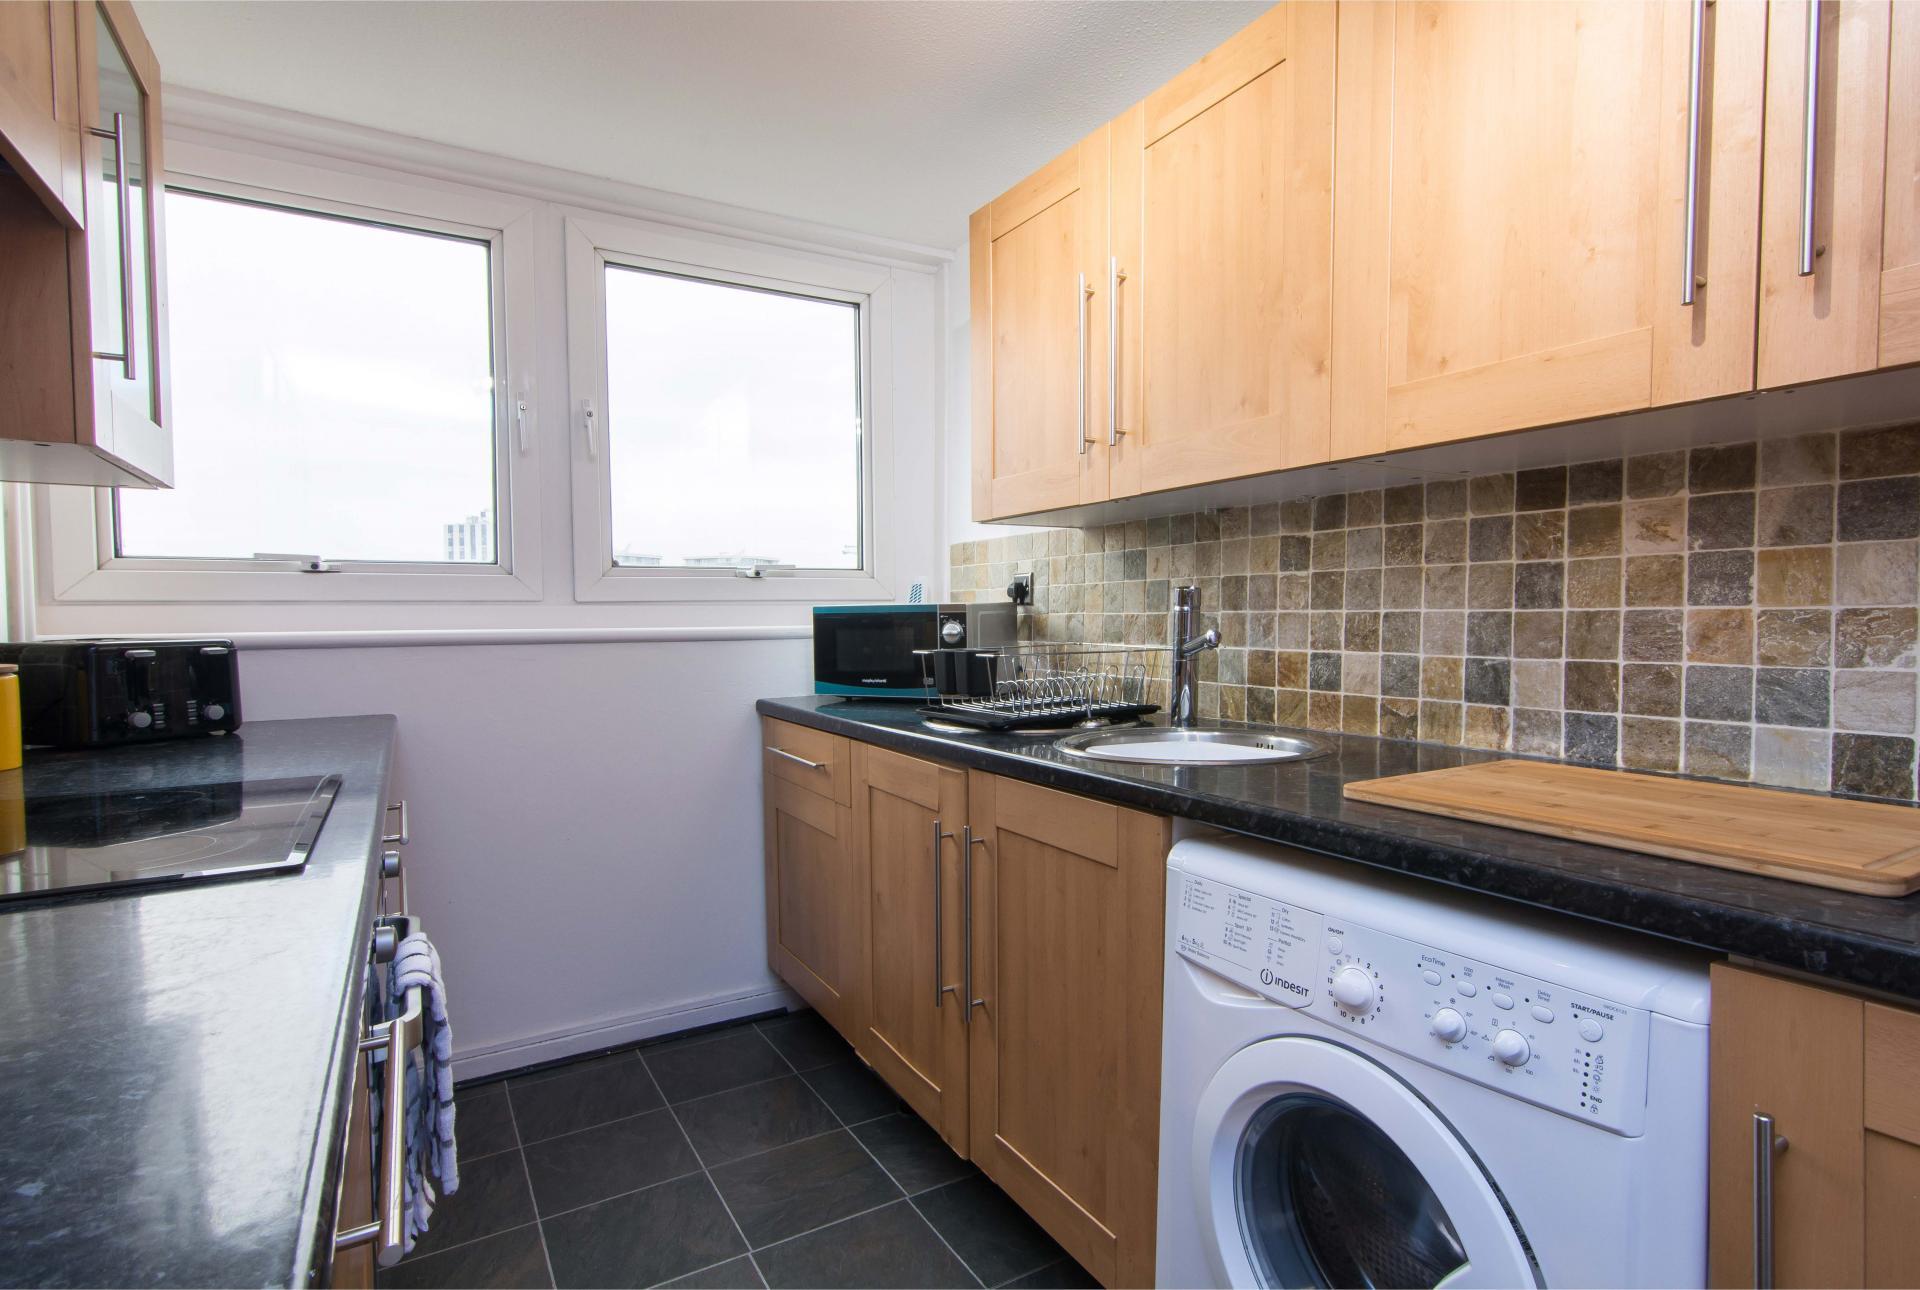 Kitchen at Victoria Centre Apartment, Centre, Nottingham - Citybase Apartments